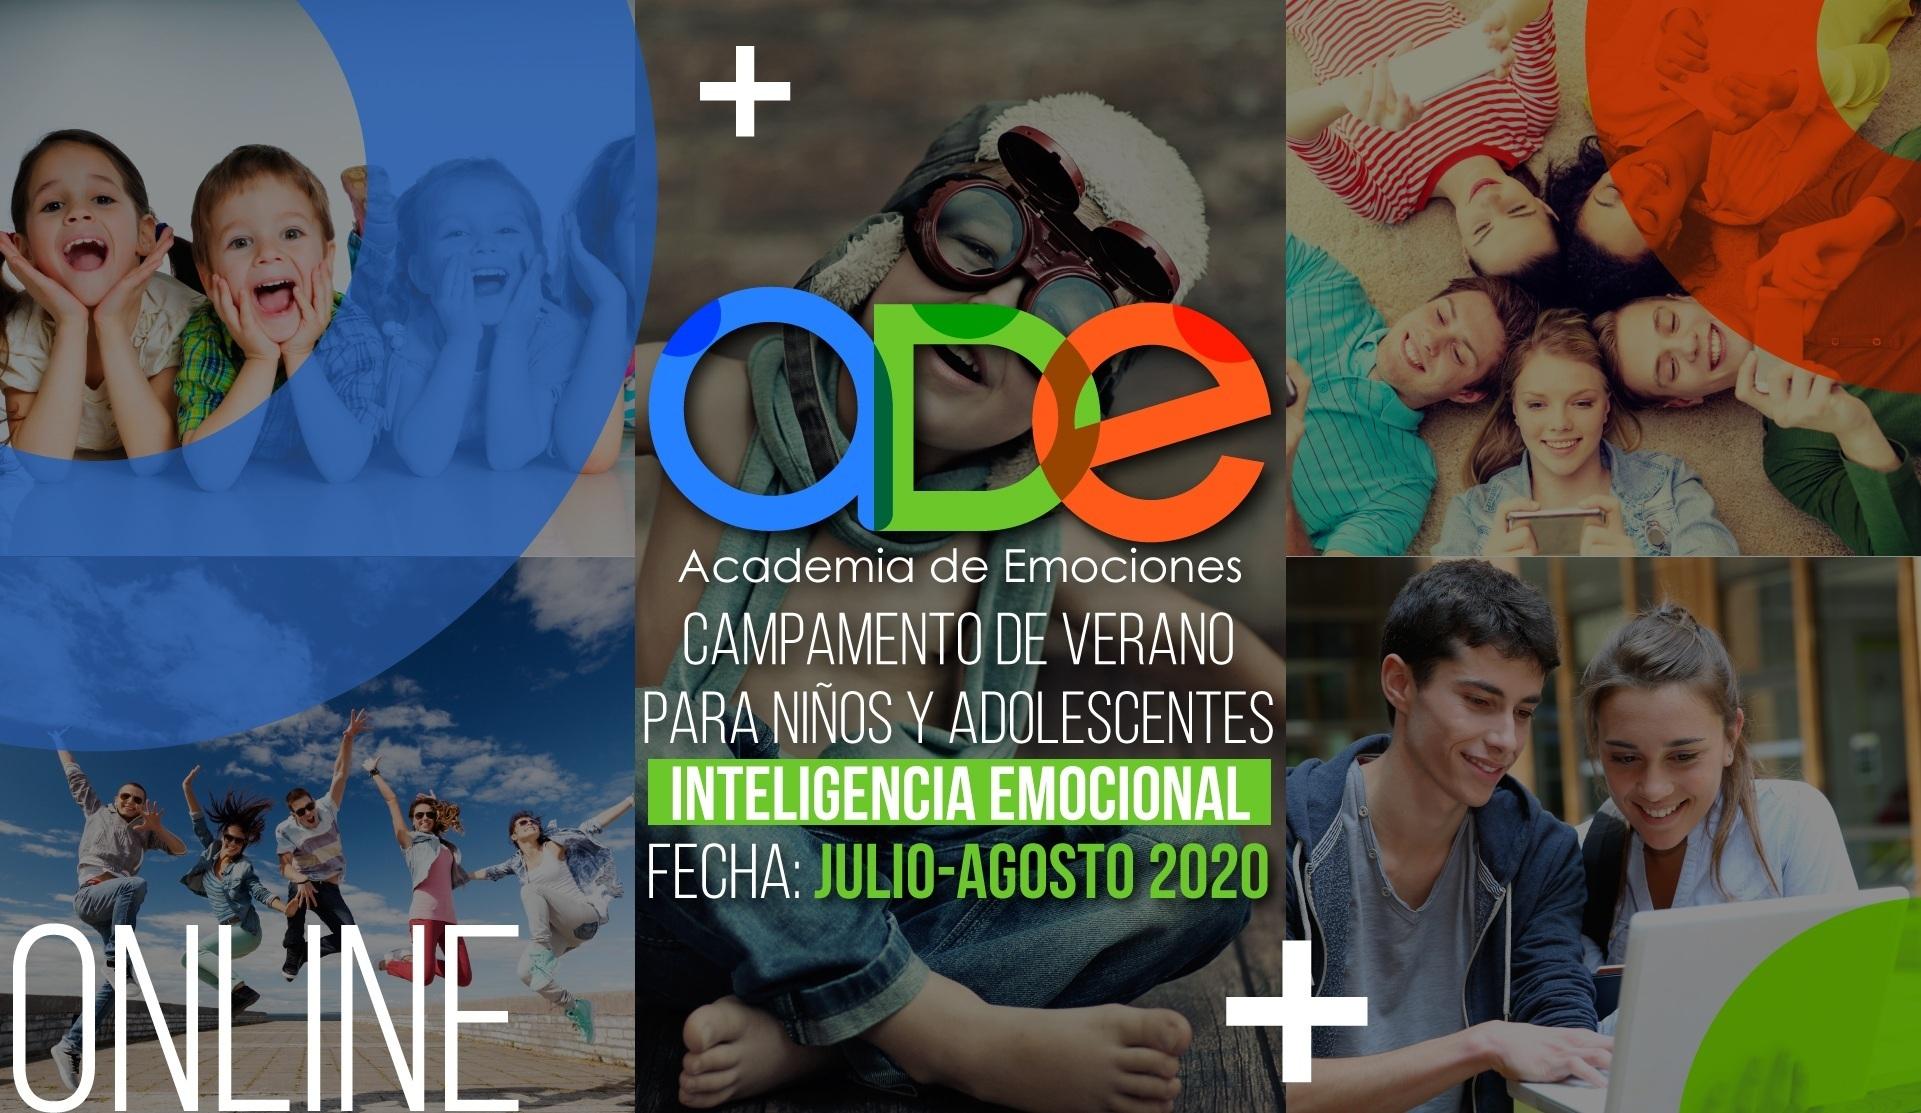 Campamento de verano ADE - Campamento de verano